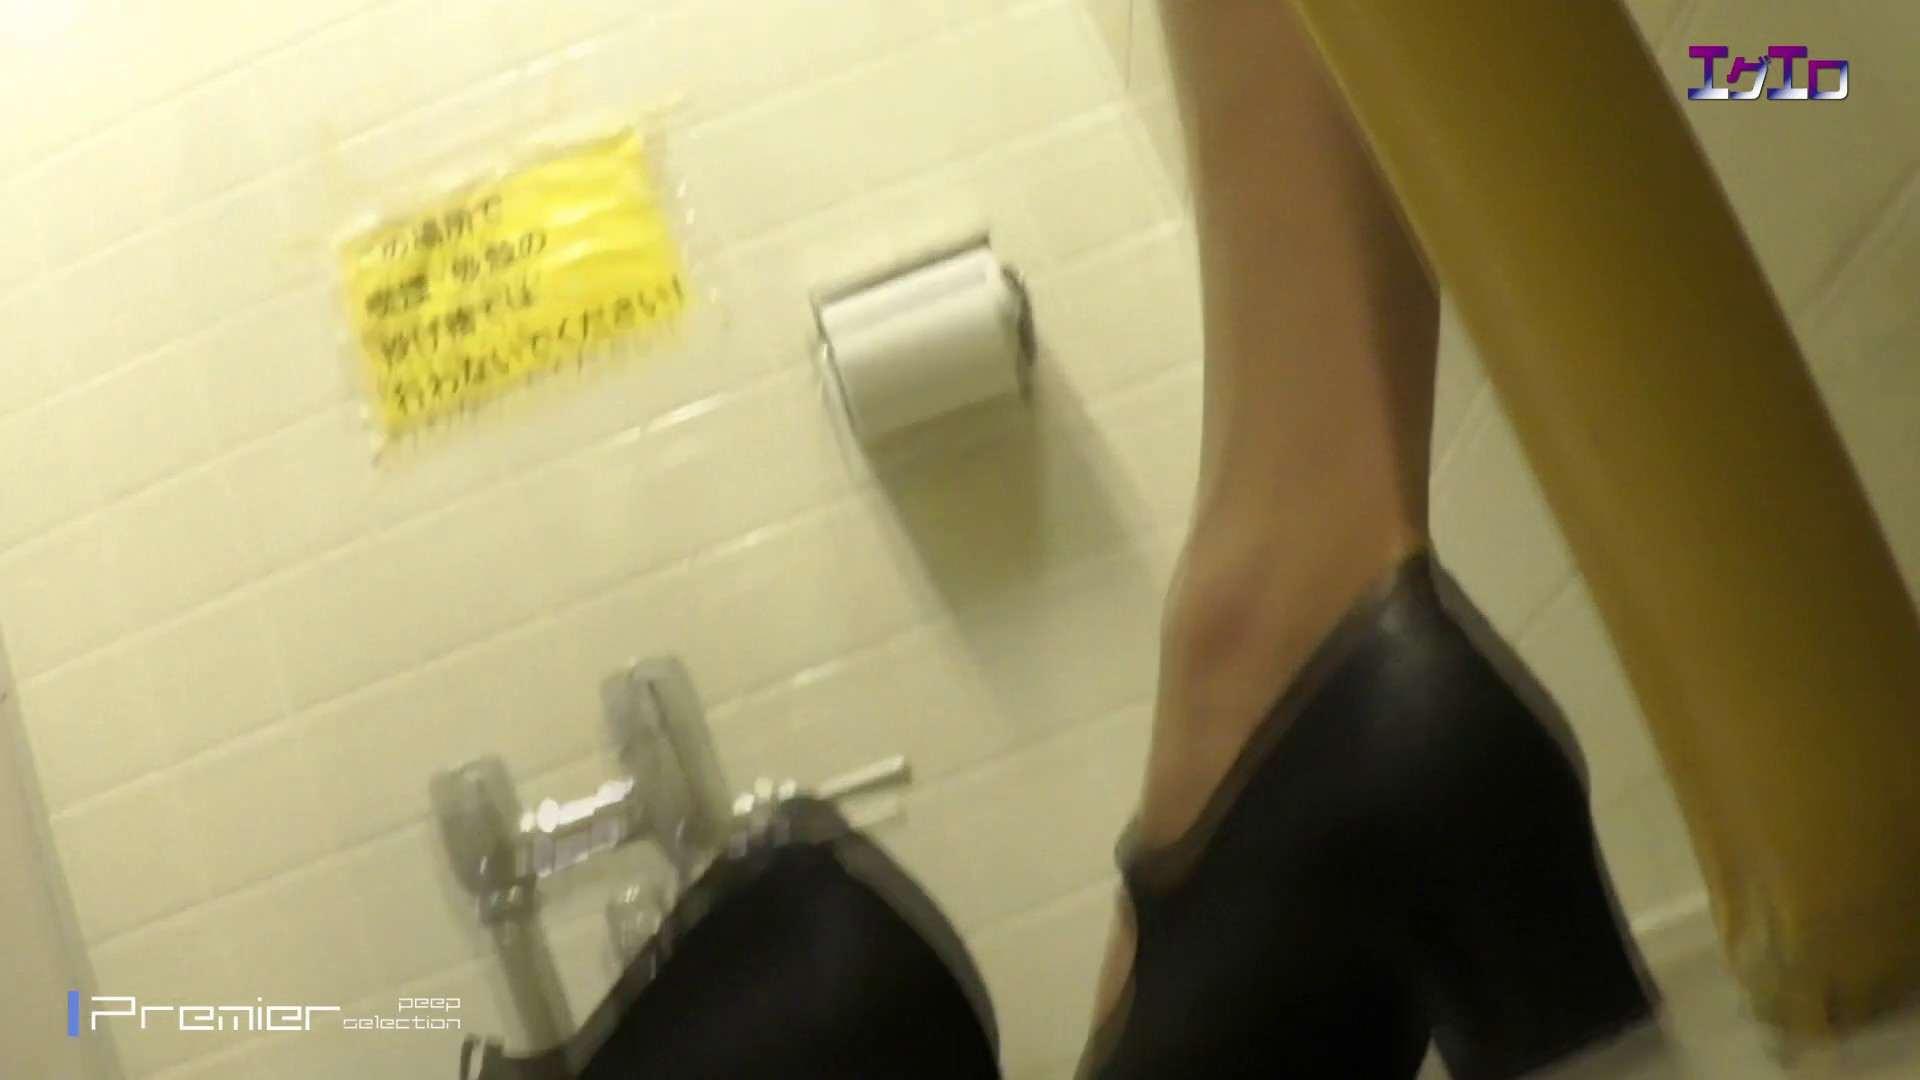 ハメ撮り|執念の撮影&追撮!!某女子校の通学路にあるトイレ 至近距離洗面所 Vol.16|怪盗ジョーカー